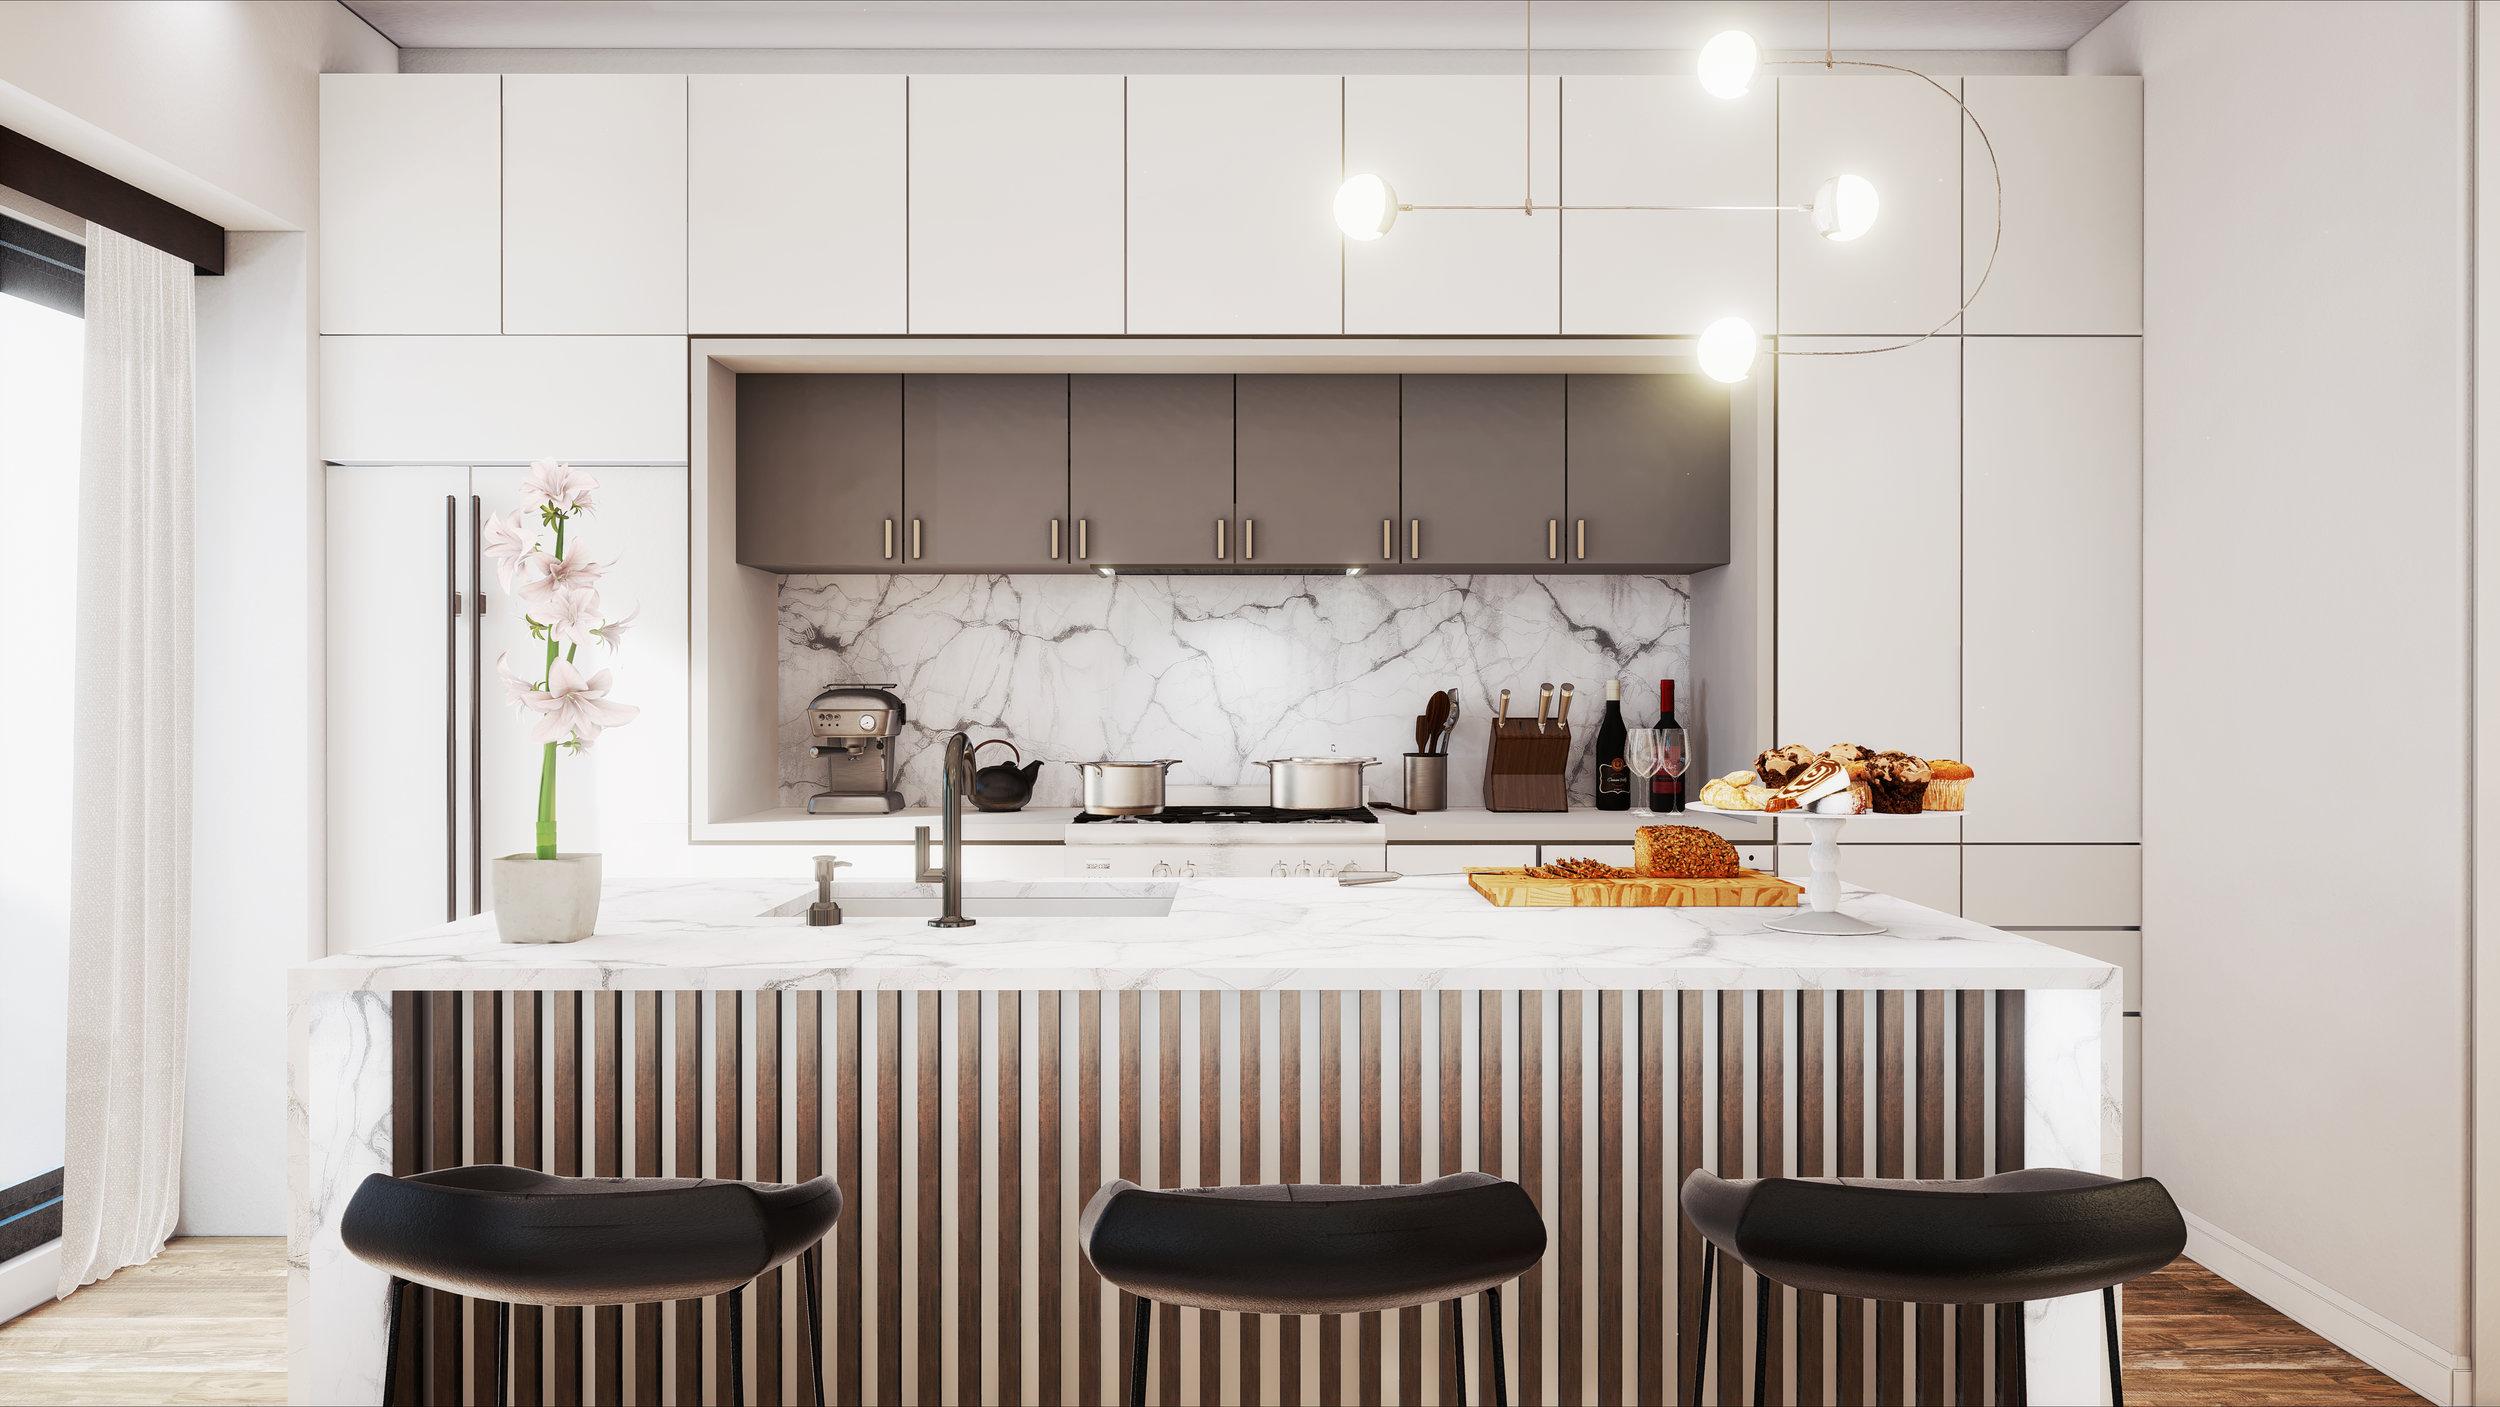 Kitchen_Island-zoom.jpg